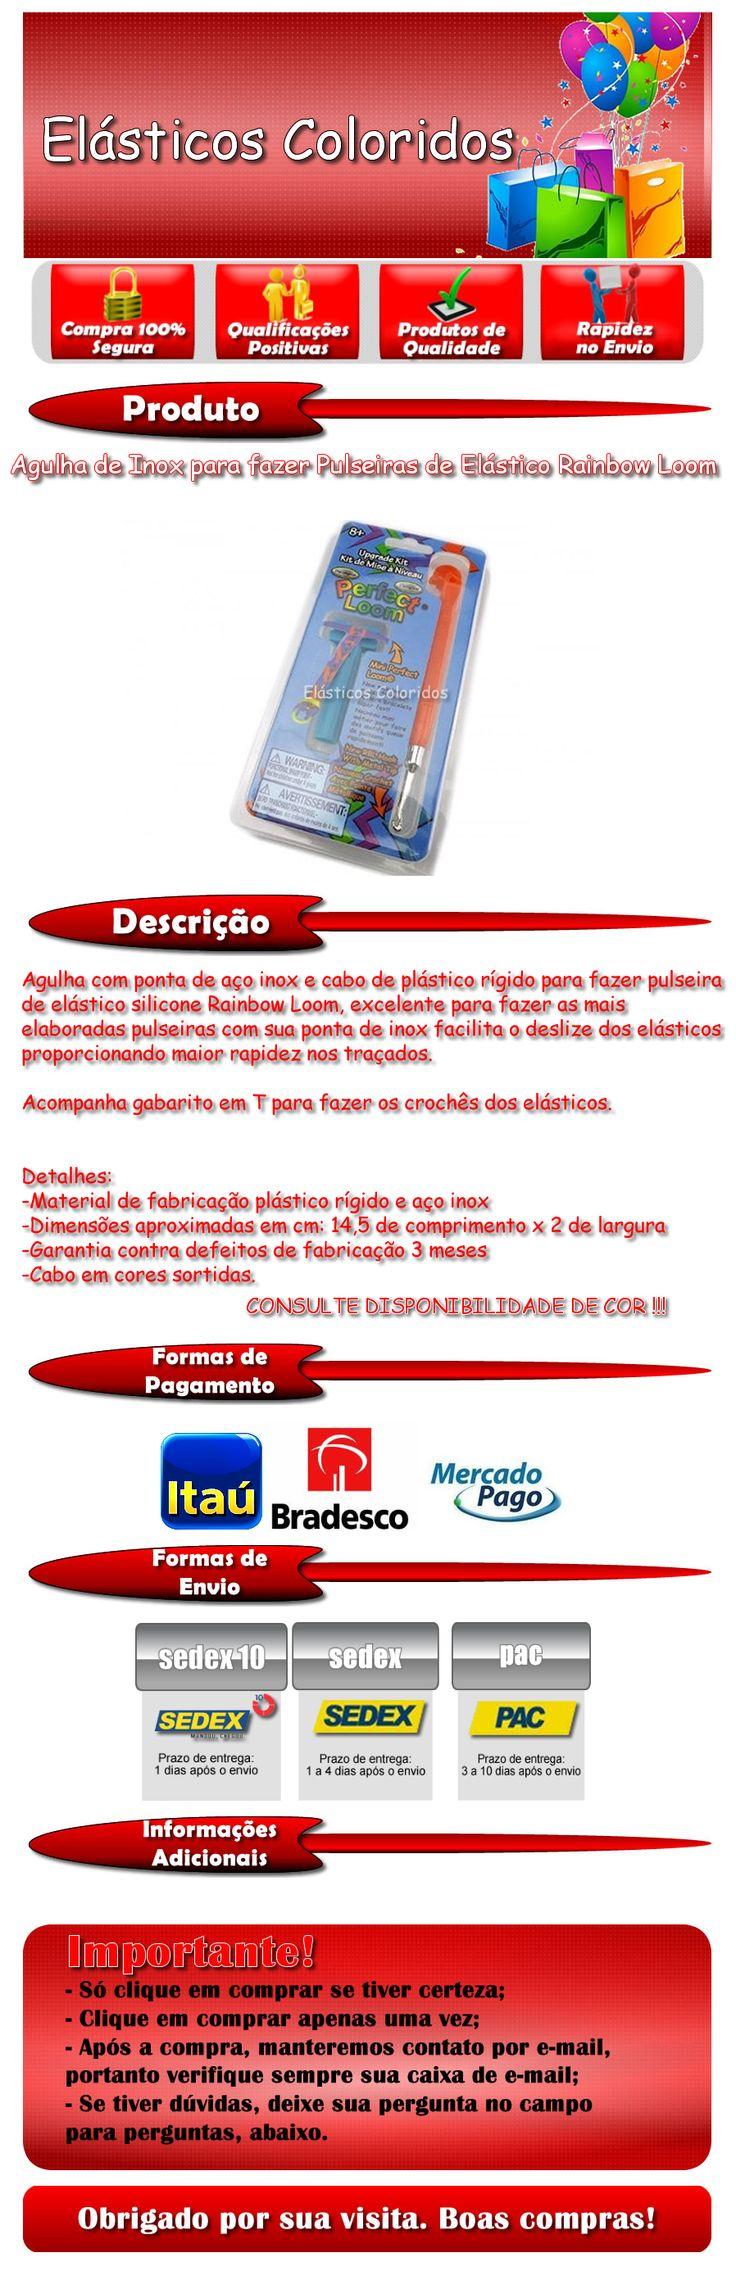 FABRICA DE PULSEIRAS ESTRELA PB KIDS-FABRICA DE PULSEIRAS RI HAPPY-FABRICA DE PULSEIRAS LOOM BANDS--COMO FAZER PULSEIRAS DE ELASTICOS COLORIDOS-COMO FAZER PULSEIRA ELASTICO PASSO A PASSO-COMO HACER PULSERA HEXAFISH-COMO FAZER PULSEIRA DE ELASTICO ESCAMA DE DRAGAO-FABRICA DE PULSEIRA FAZ DE VERDADE ESTRELA-AGULHA INOX PARA FAZER PULSEIRA ELASTICO PEDIDOS - :(11) 9.7641 4980 CLARO- http://www.elasticoscoloridos.com.br- https://www.facebook.com/pages/El%C3%A1sticos-Coloridos/844302925622086-